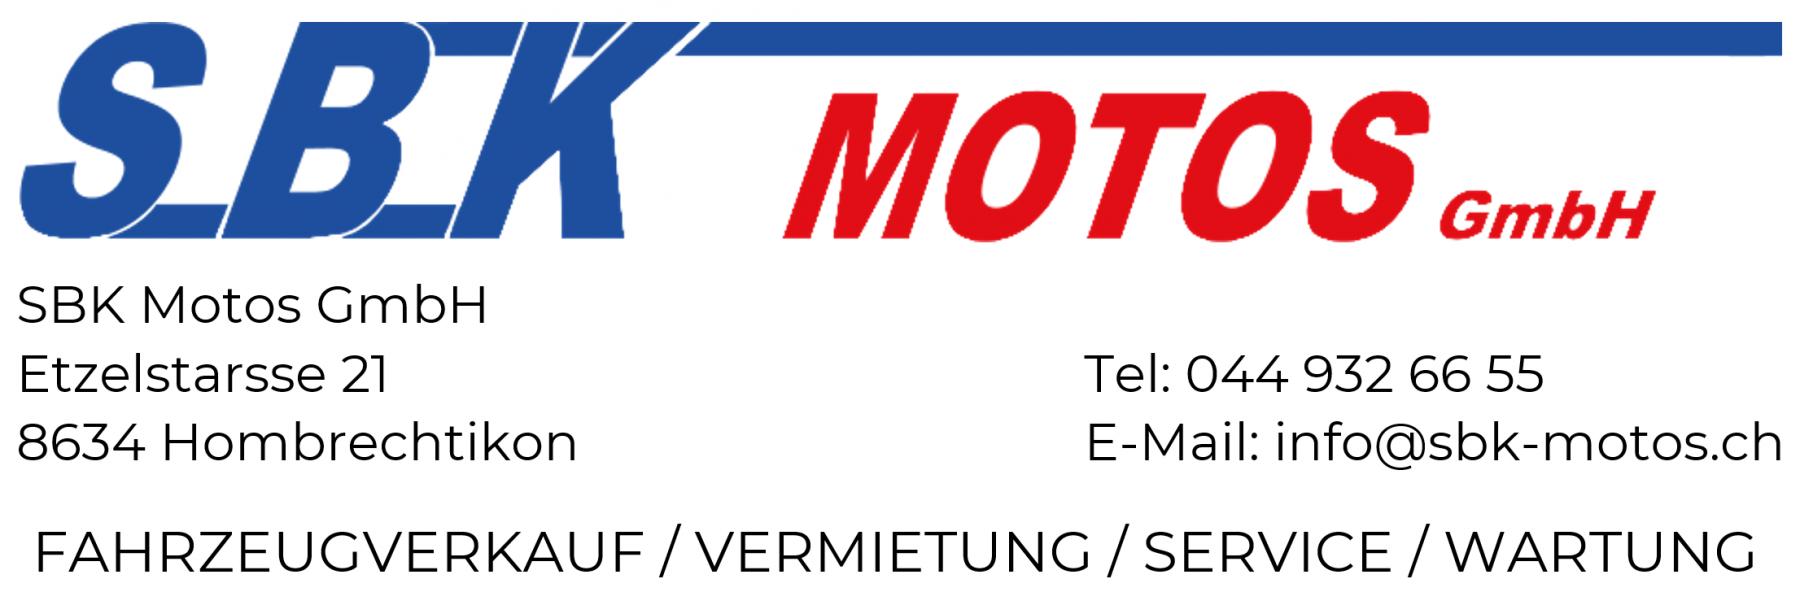 SBK-Motos